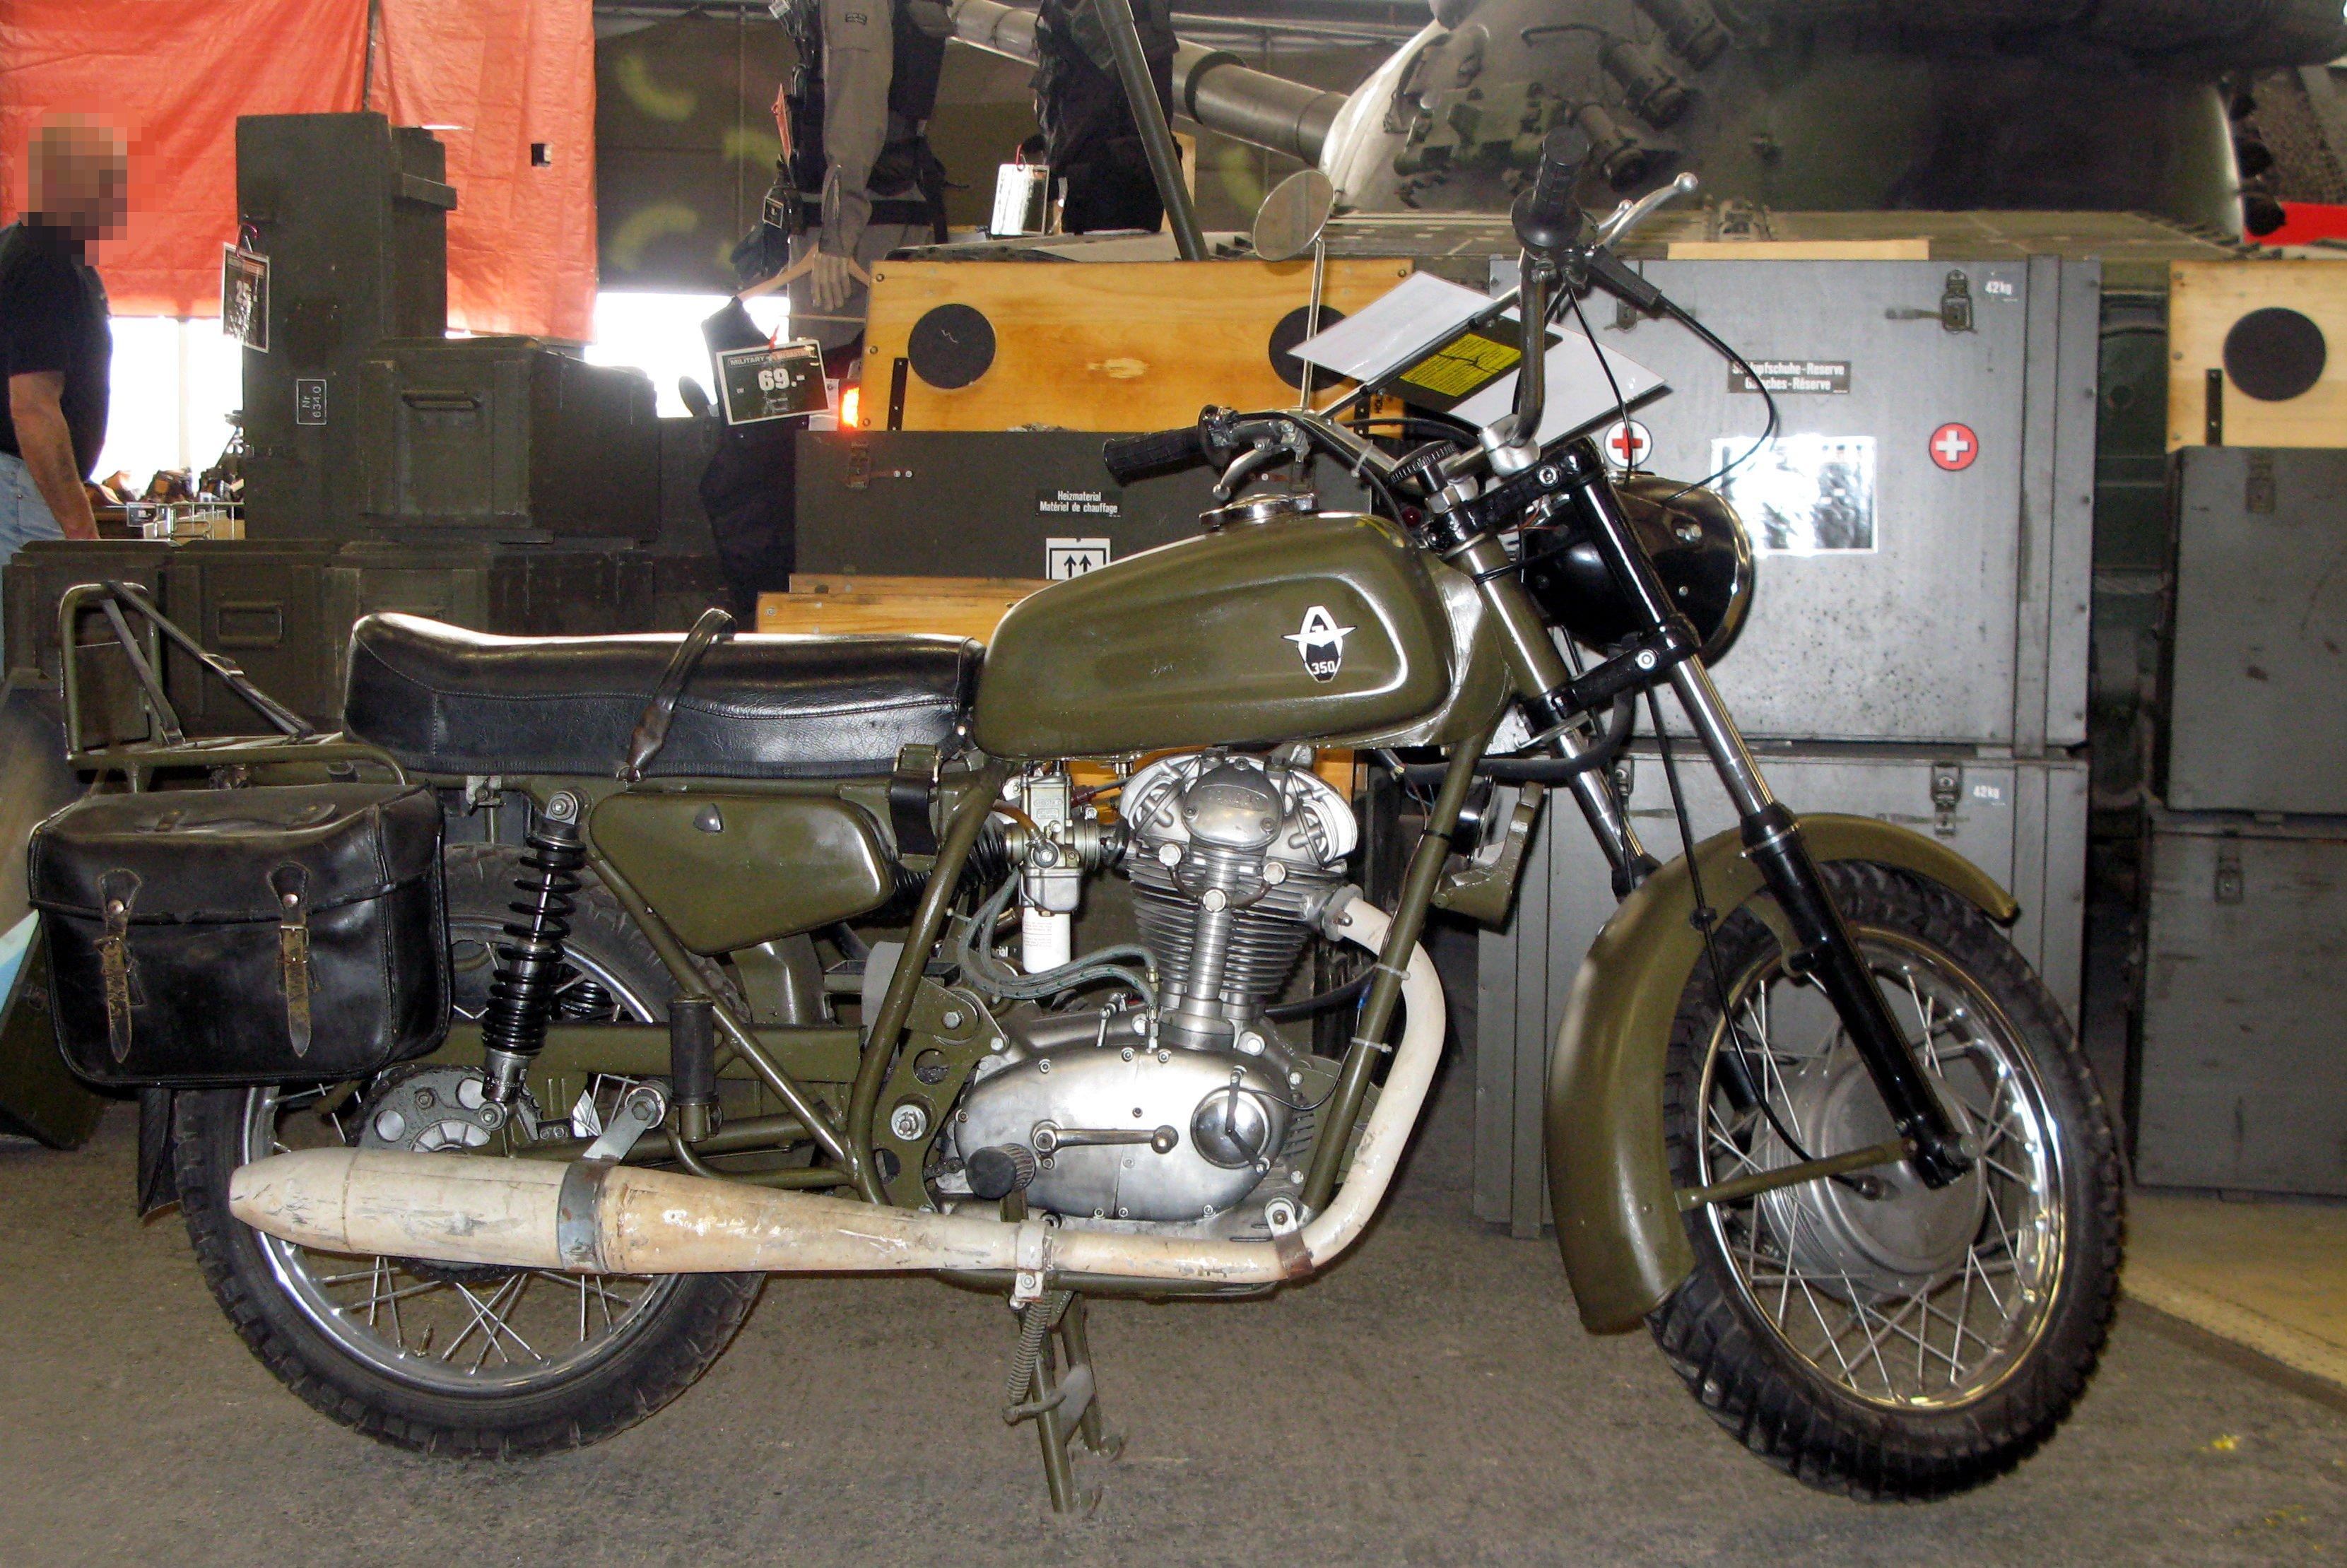 File:Condor motorcycle img 2492.jpg